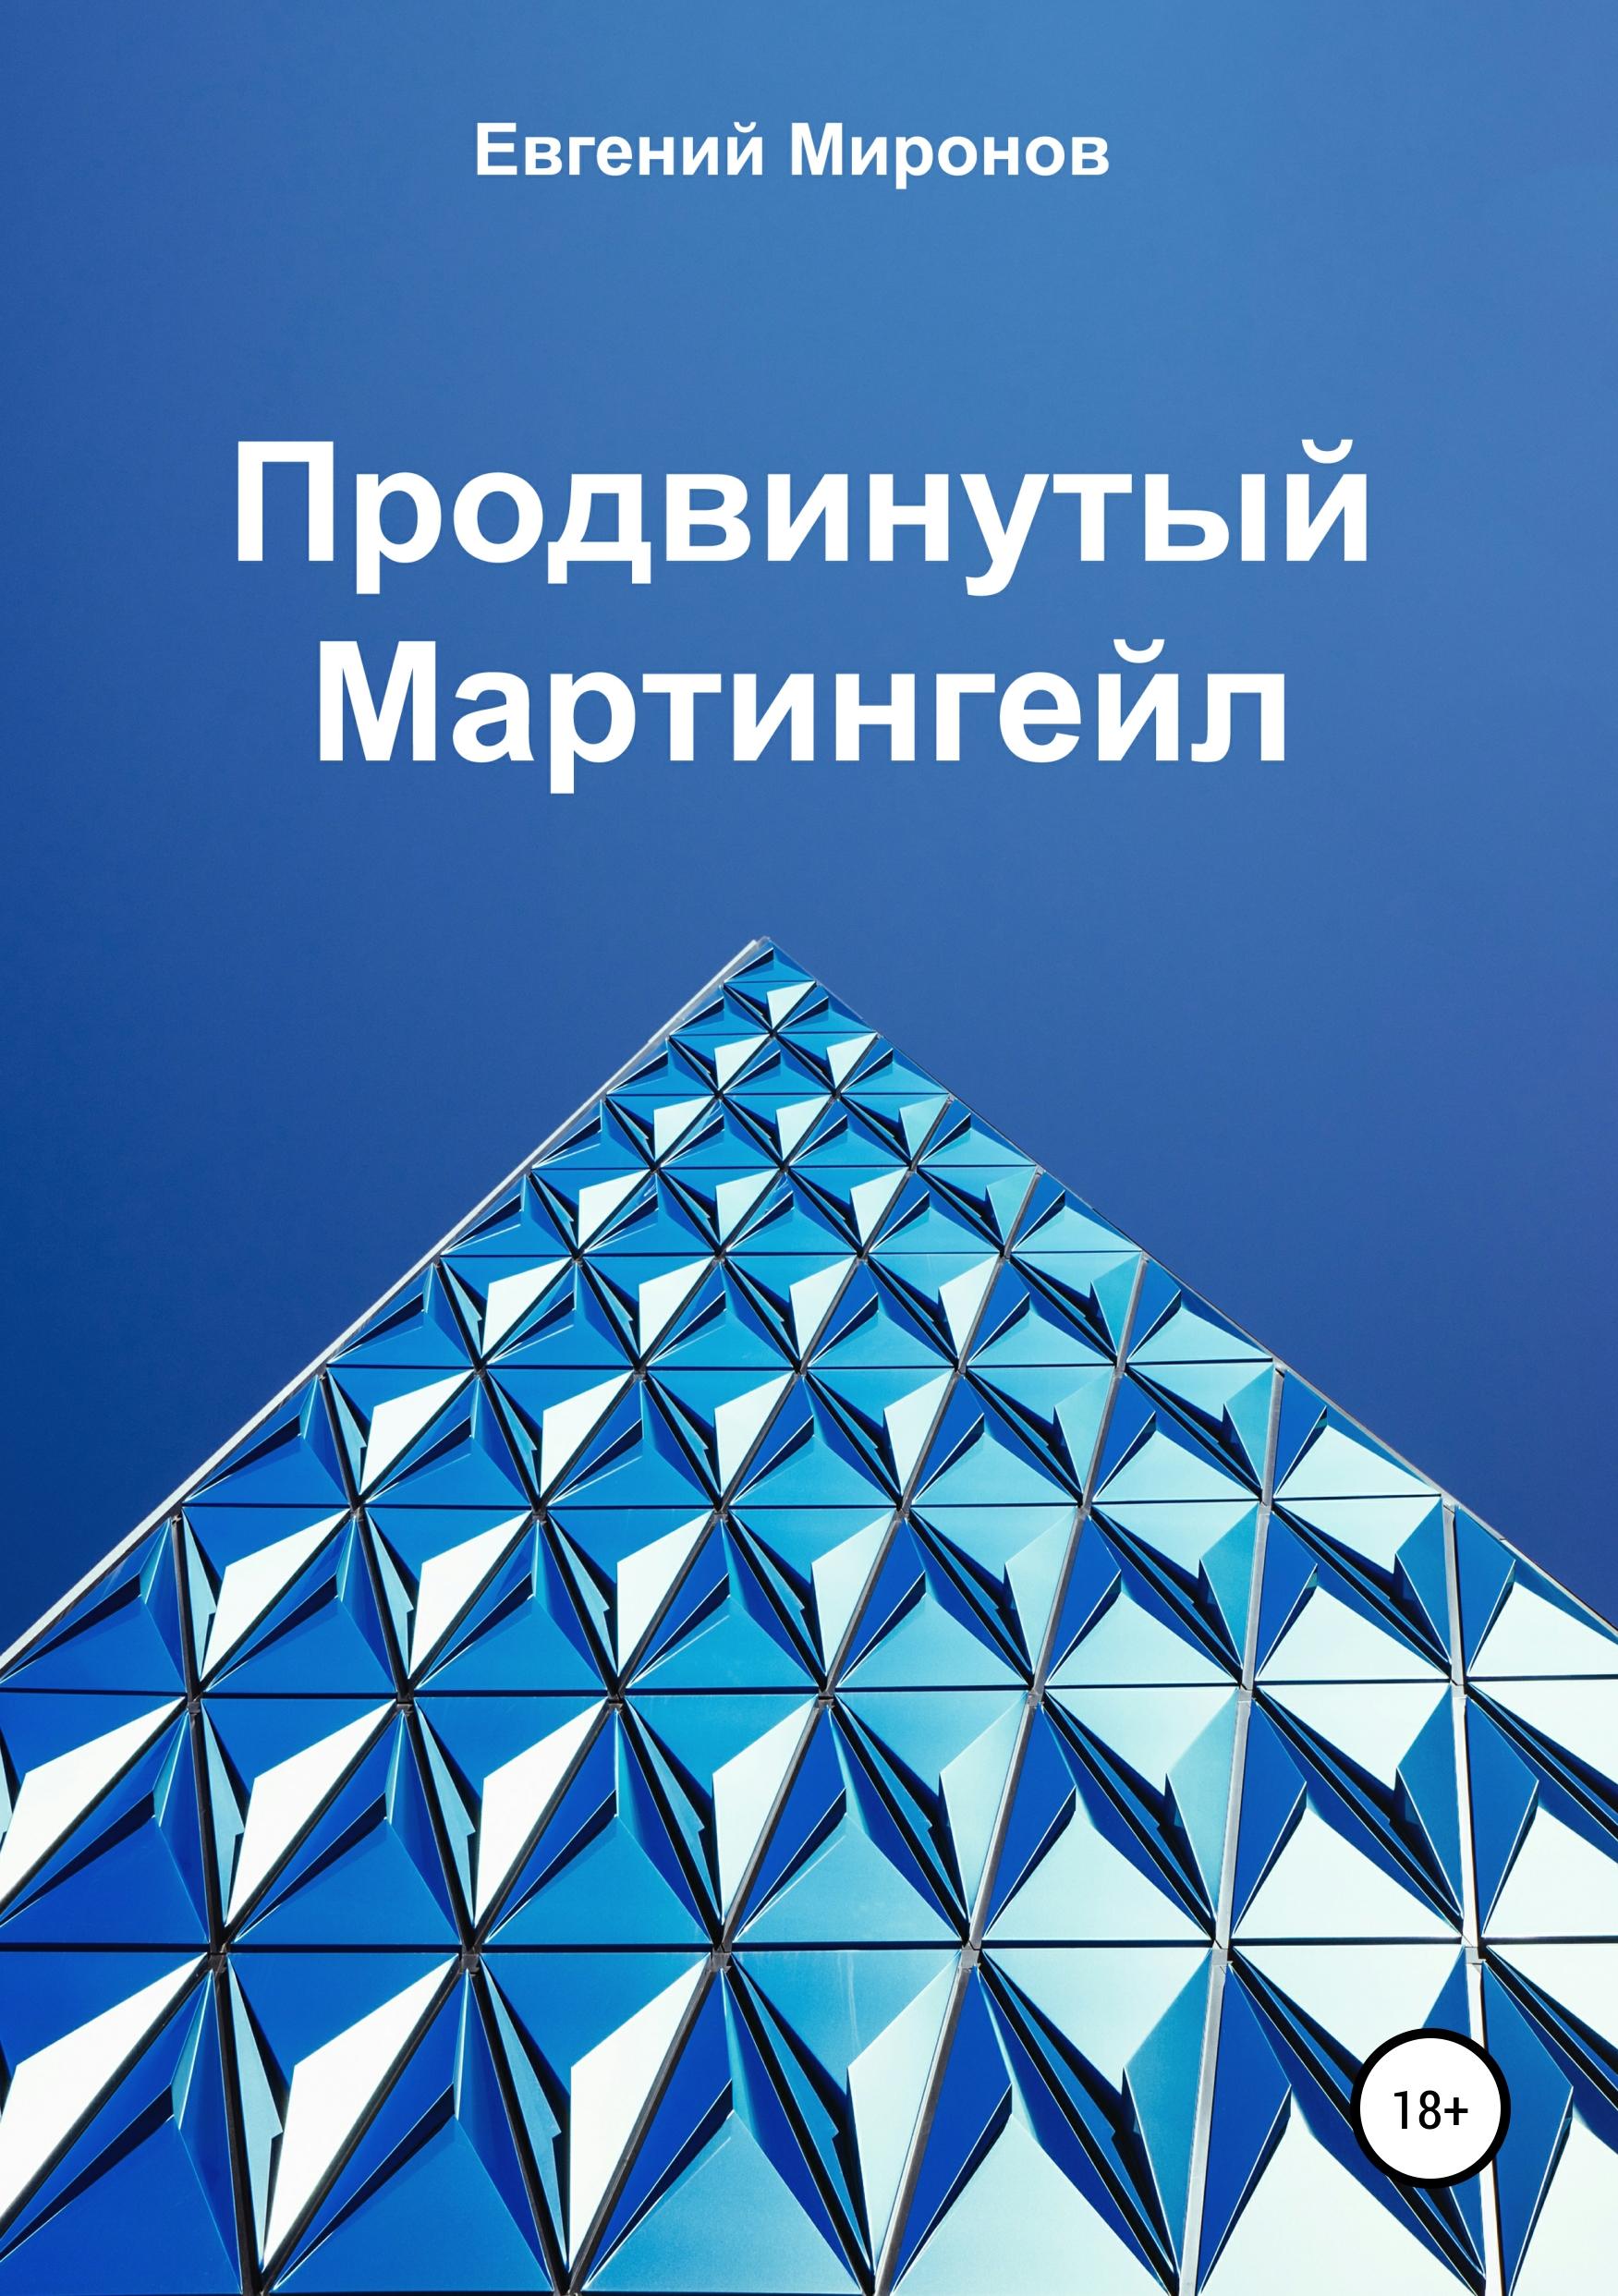 Обложка книги. Автор - Евгений Миронов